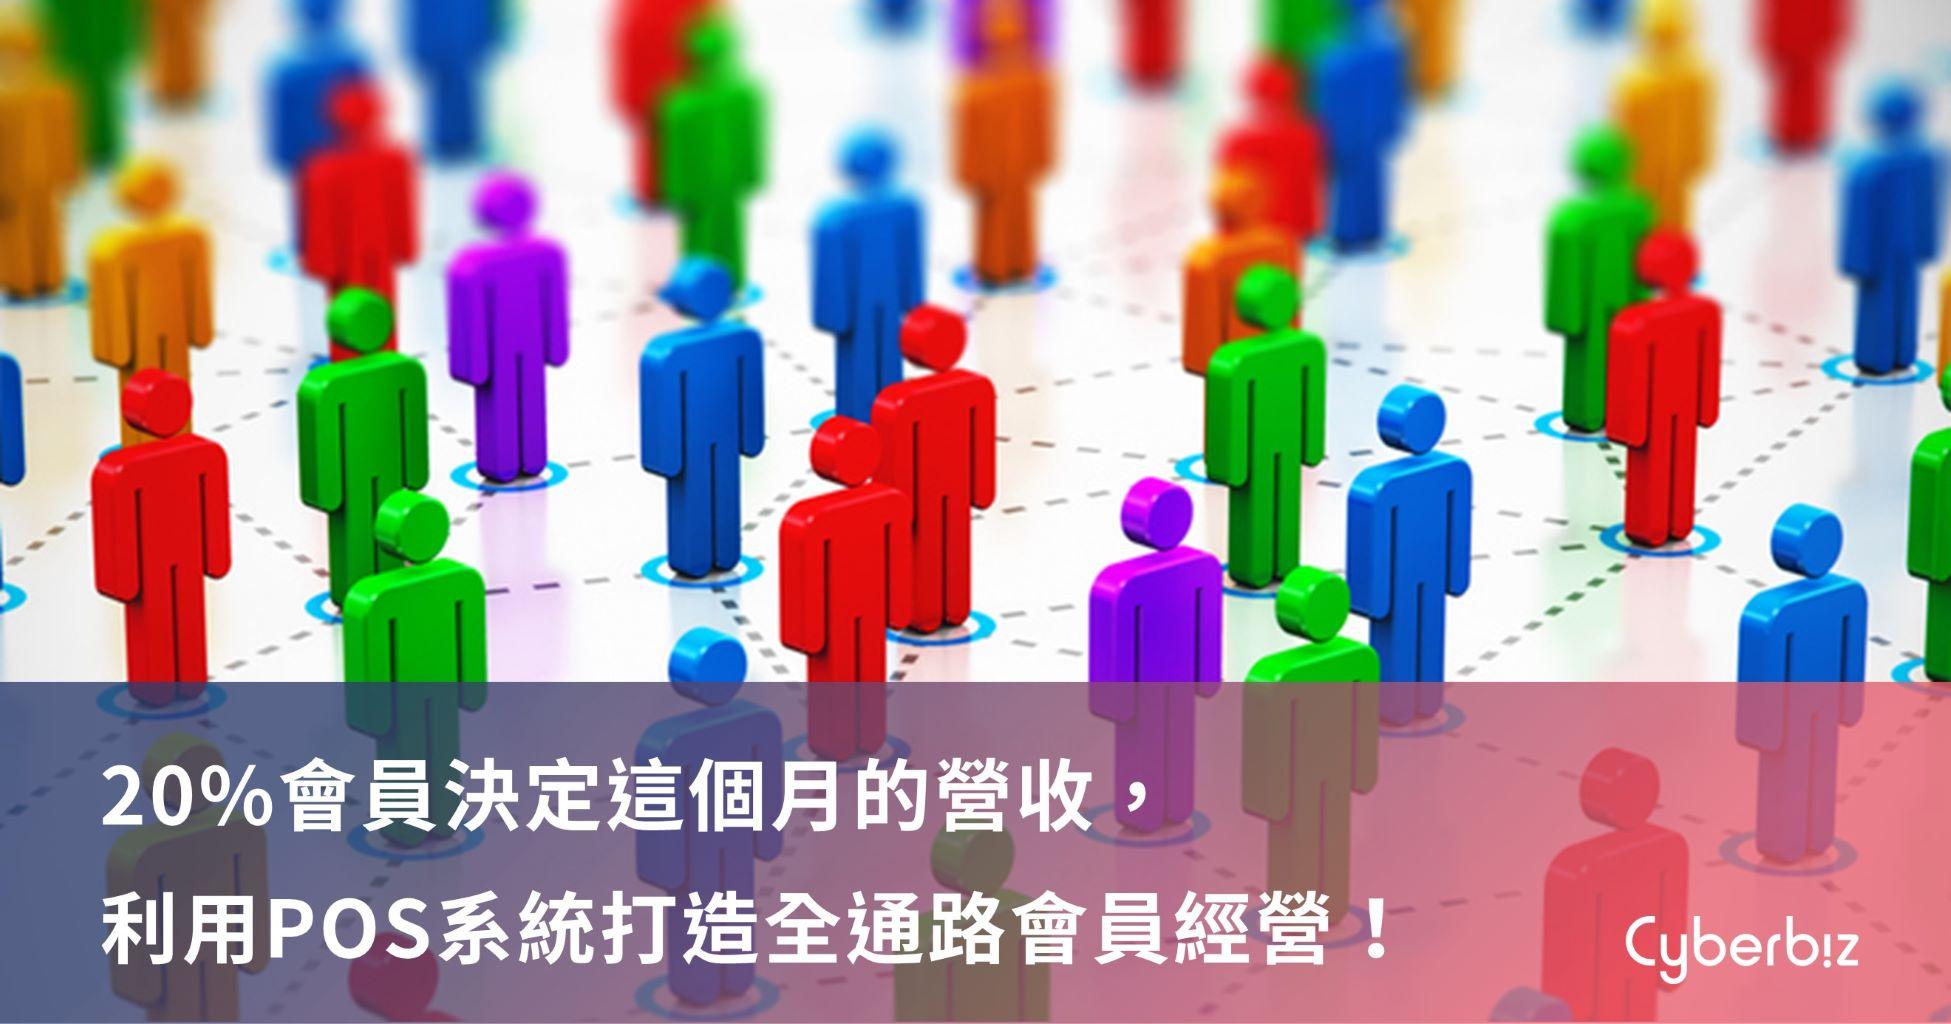 20%會員決定這個月的營收,利用POS系統打造全通路會員經營!